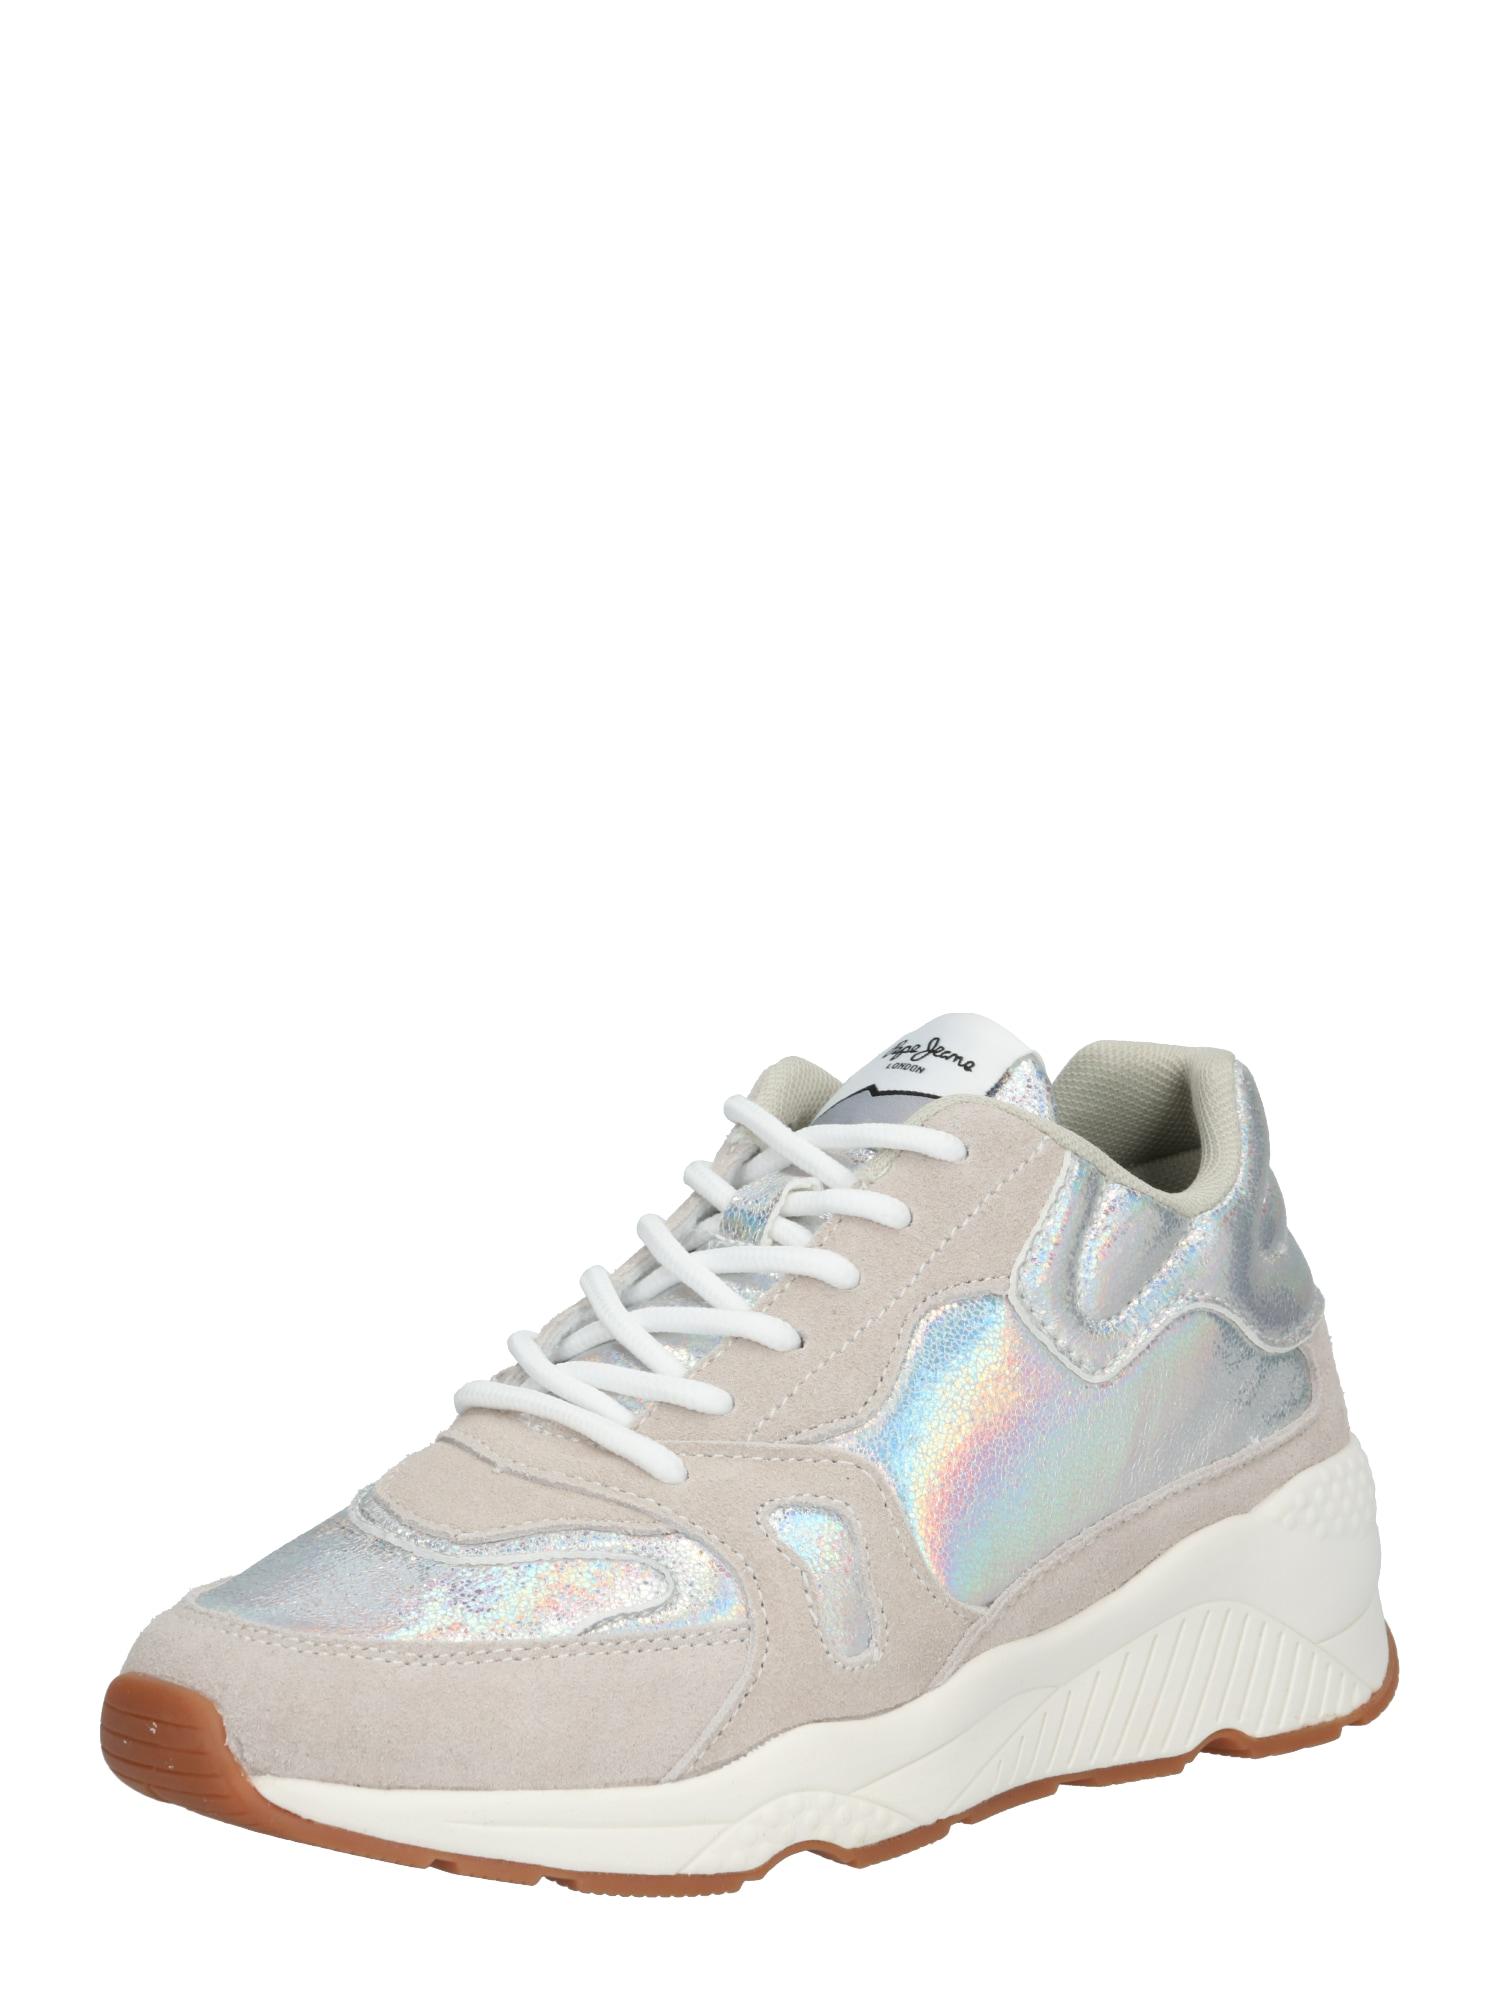 Tenisky HARLOW UP REFLECT stříbrná Pepe Jeans